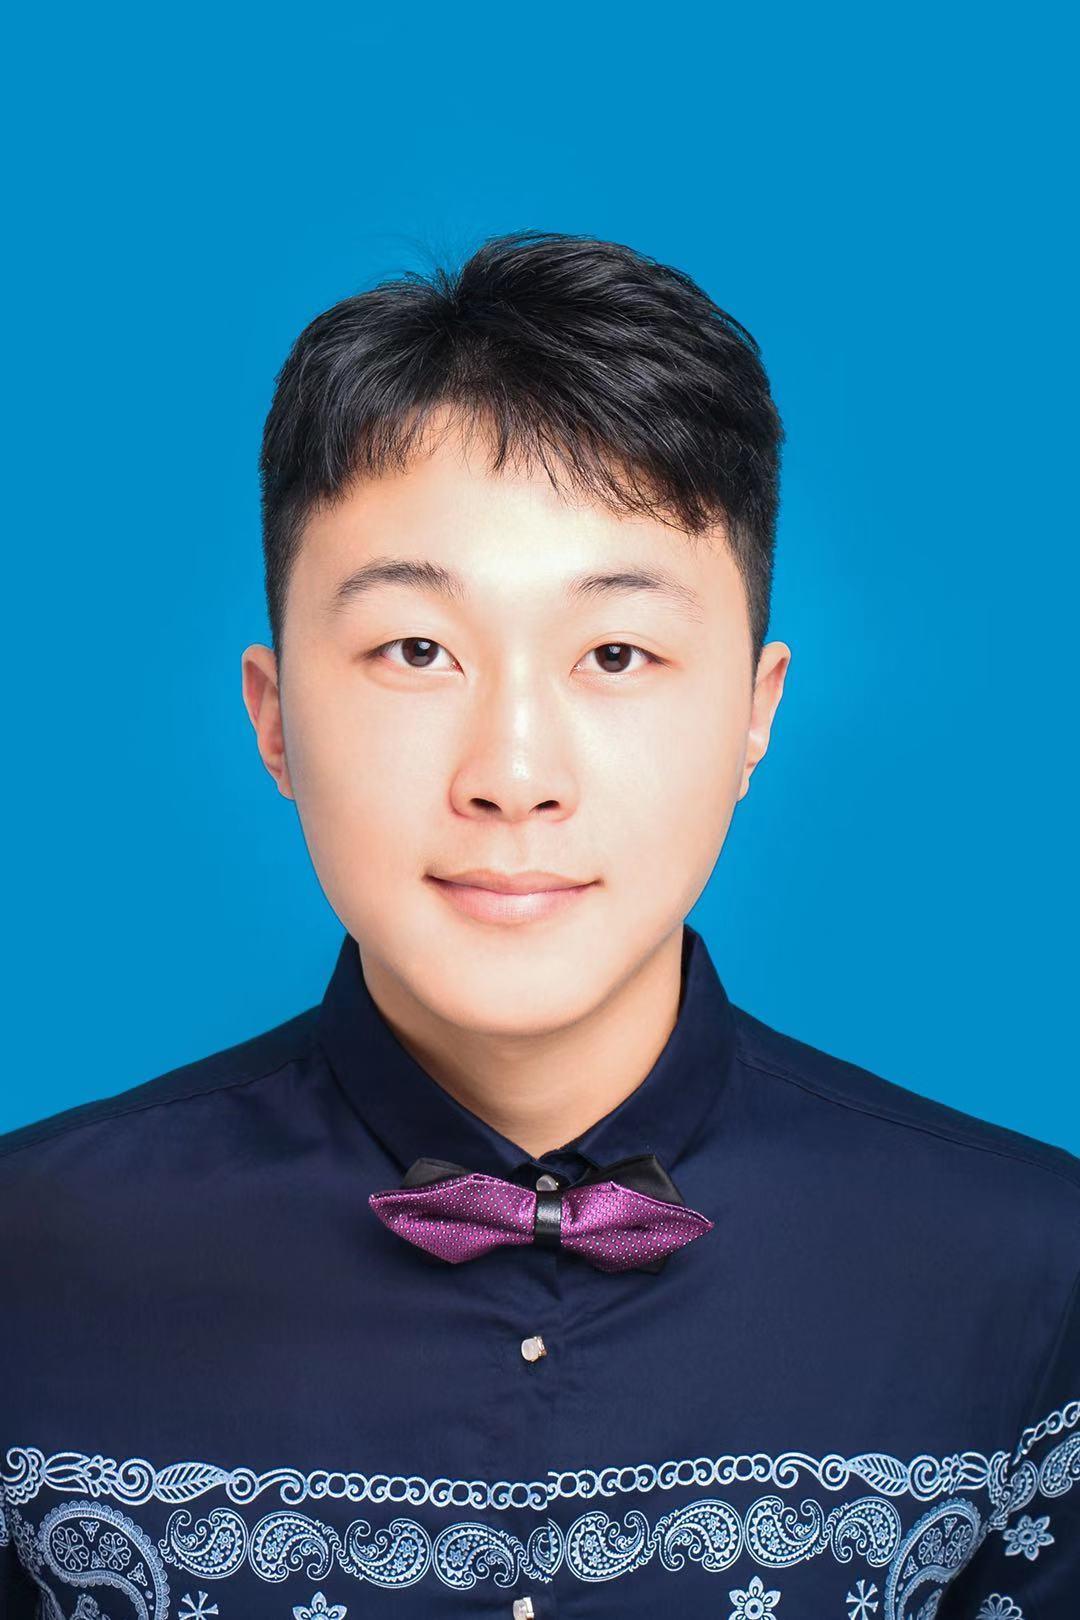 上海家教游老師